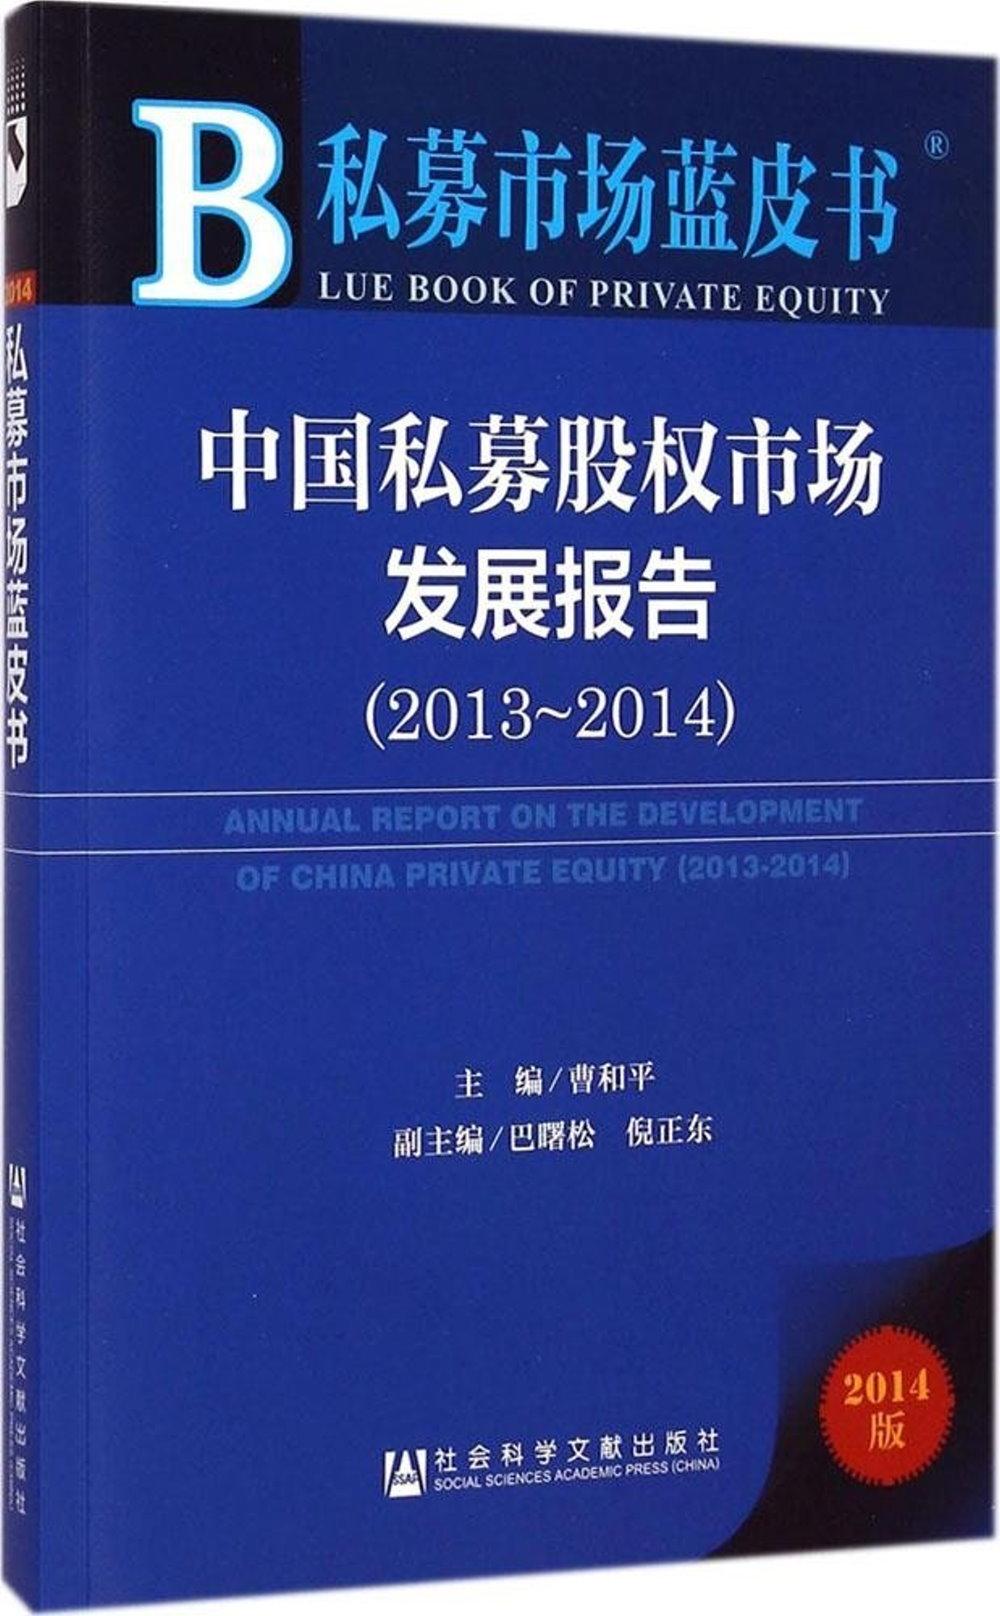 私募市場藍皮書:中國私募股權市場發展報告 2013~2014